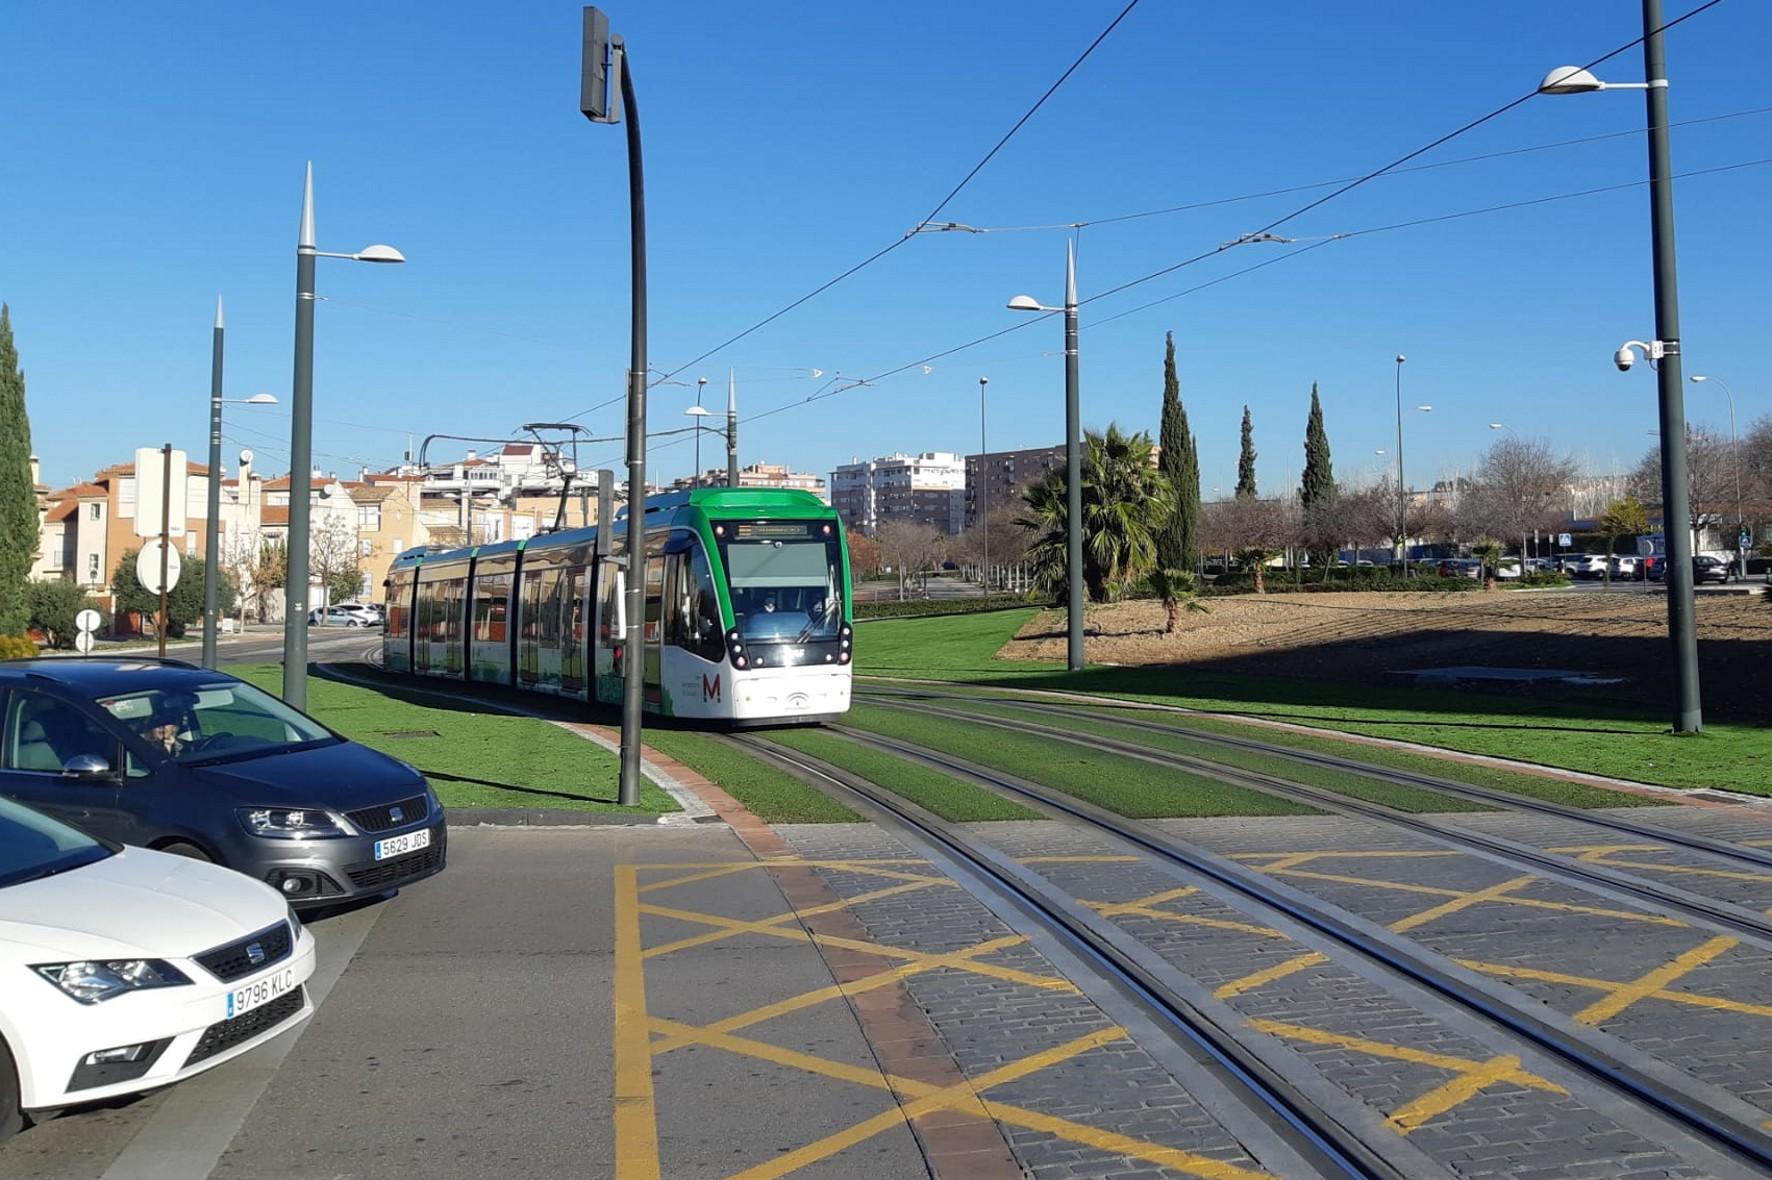 El objetivo principal de esta intervención es reducir la accidentabilidad en las intersecciones del metro con el tráfico rodado.